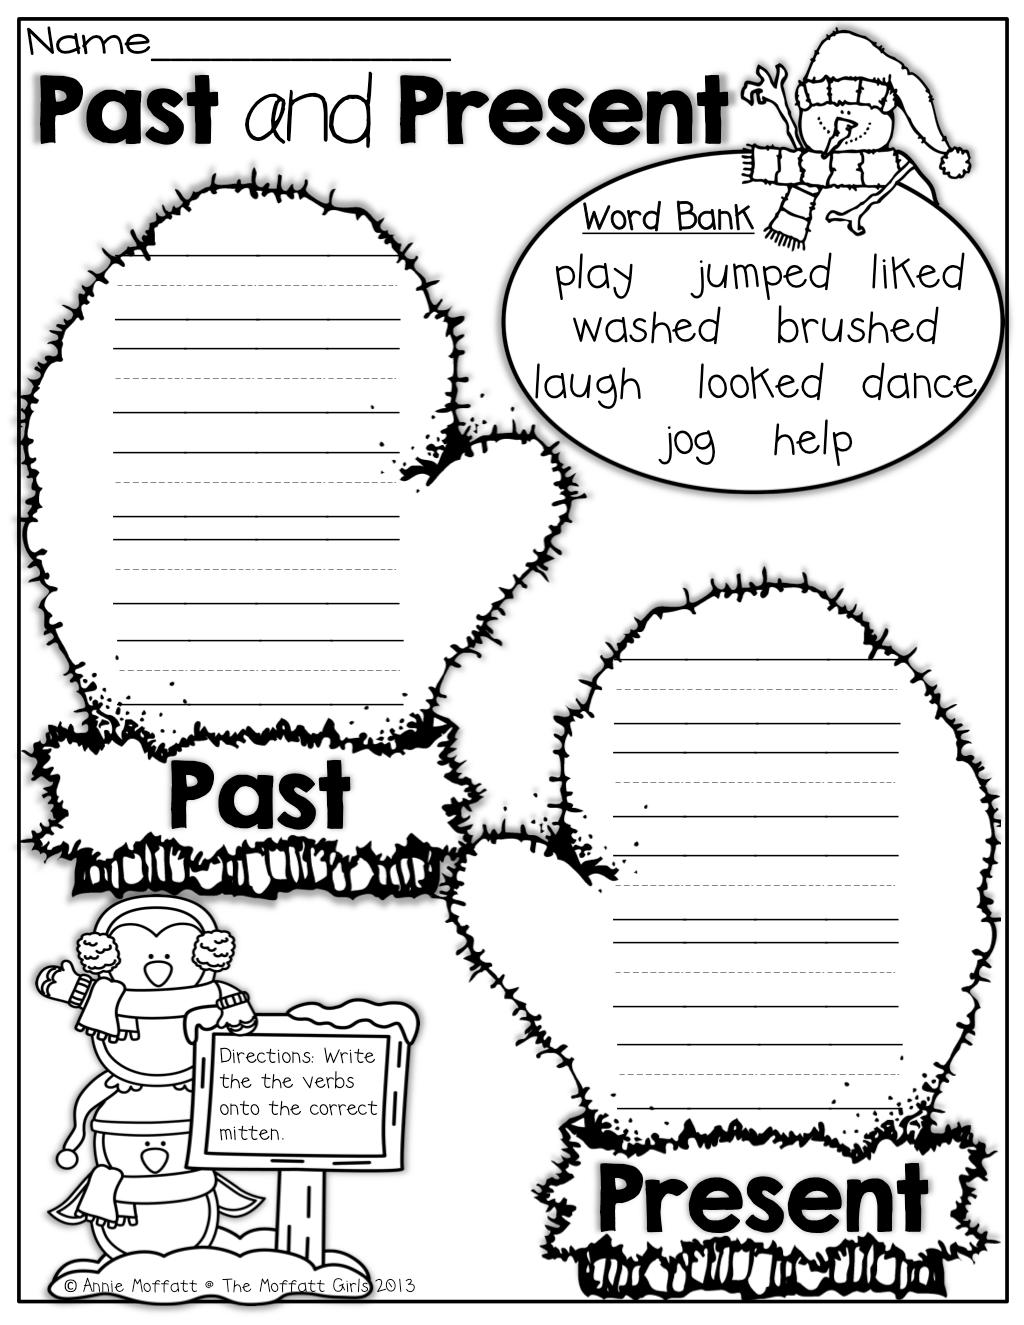 Worksheet On Present Tense For Grade 3